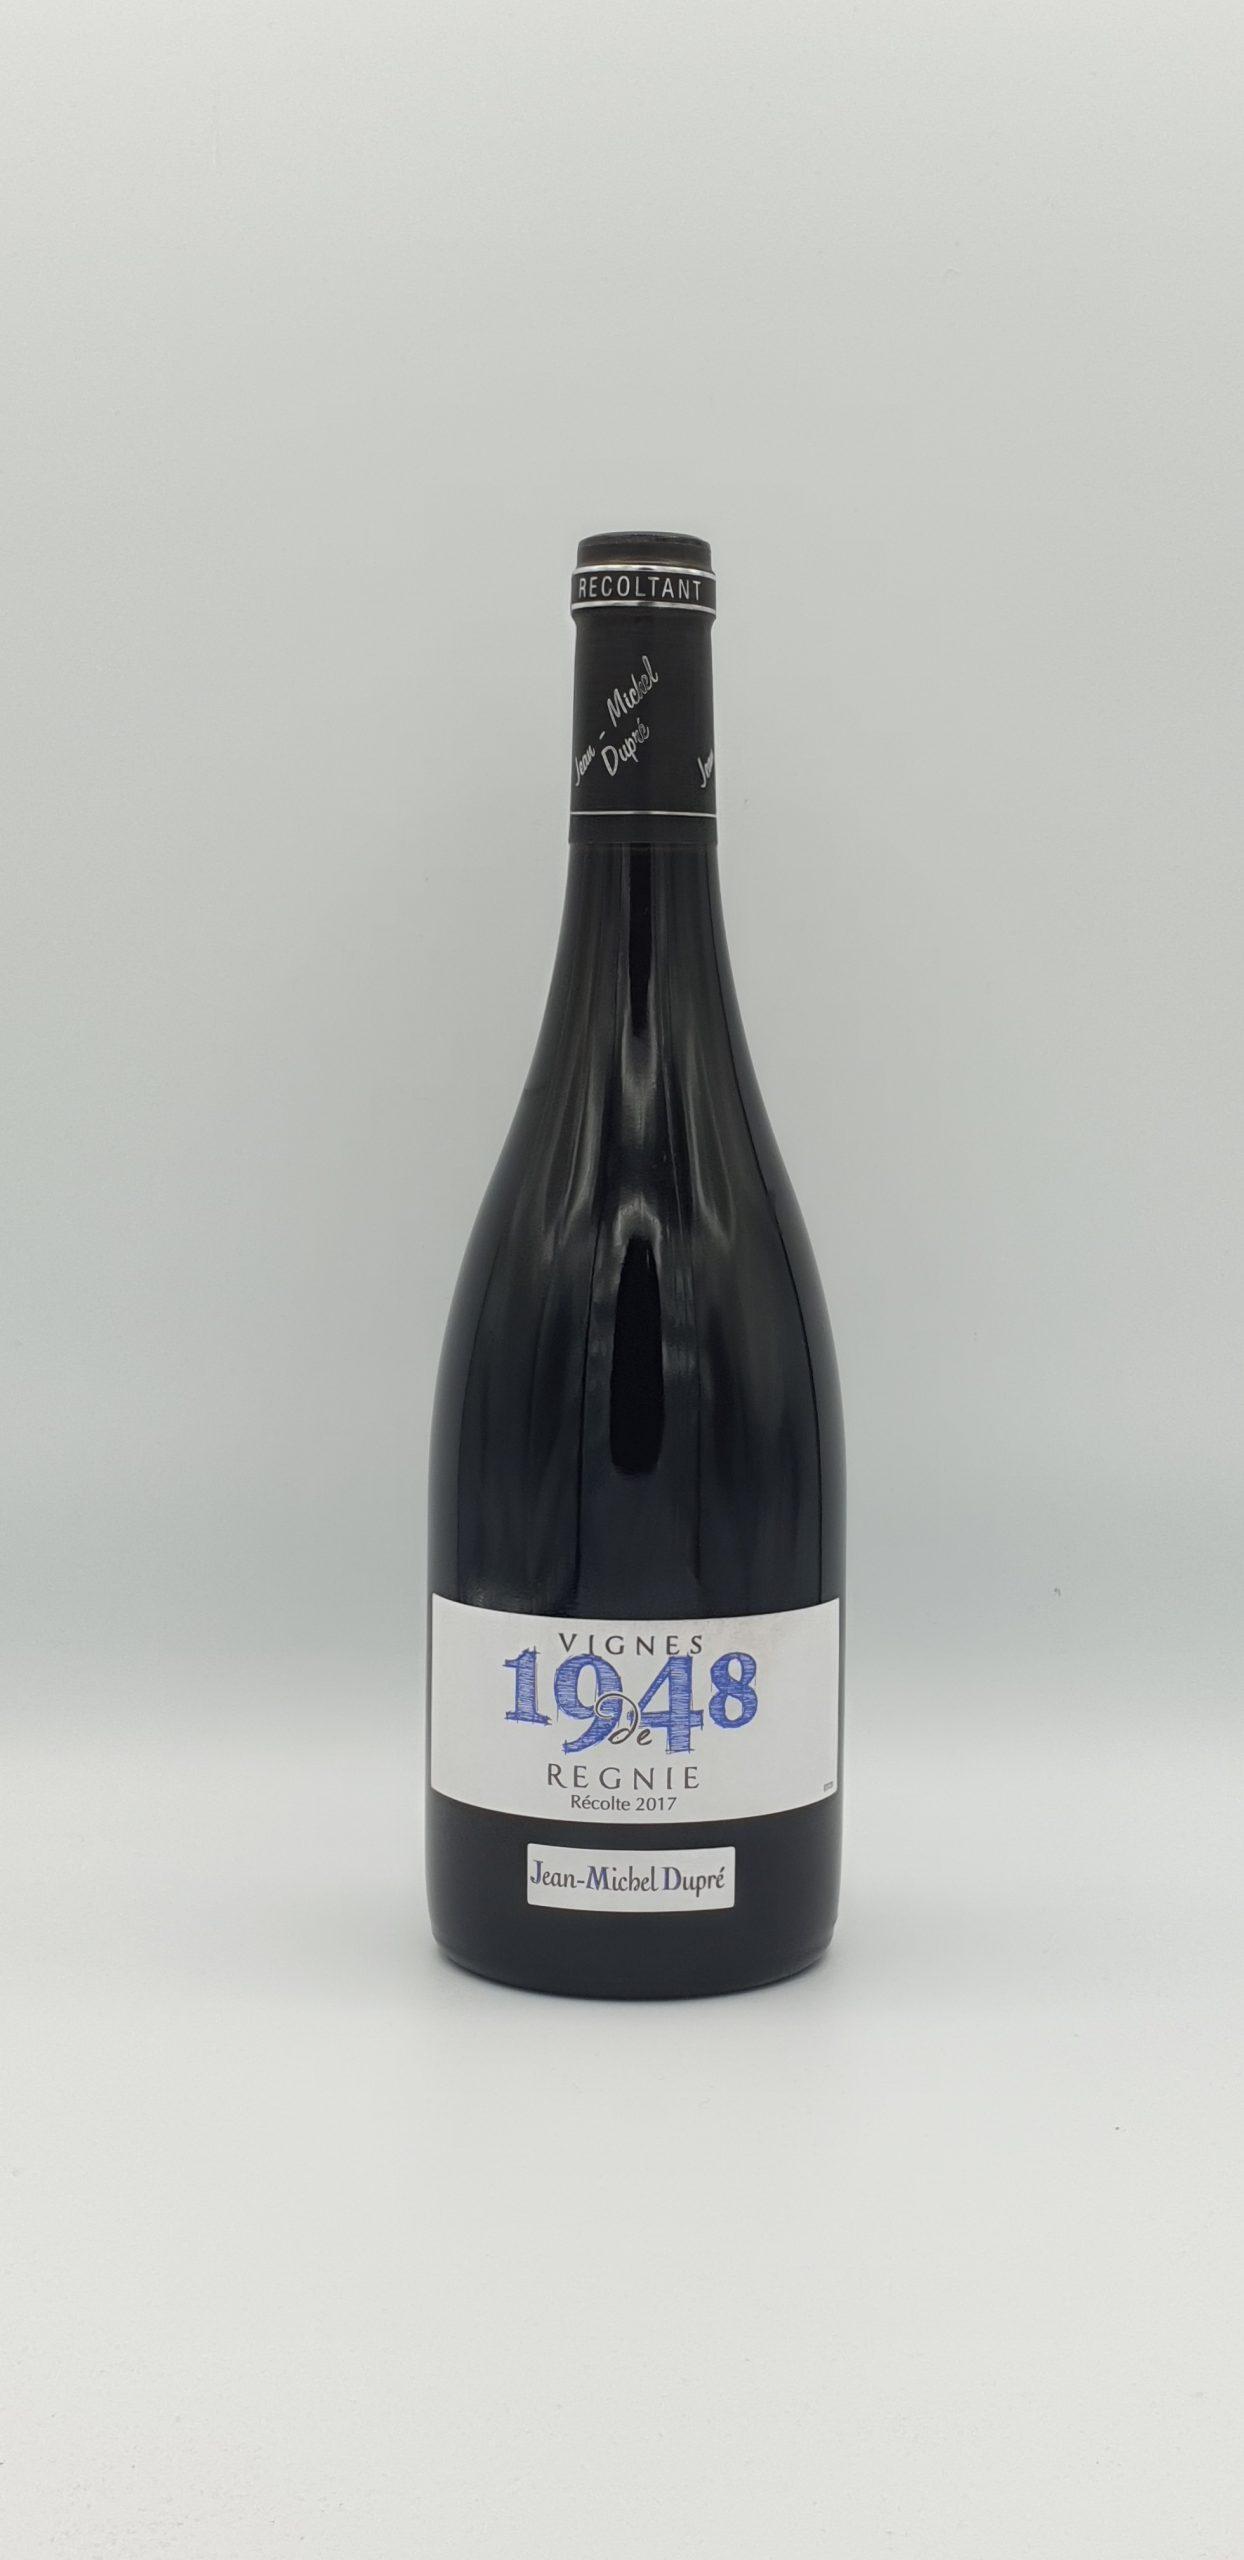 """Beaujolais Regnie """"Vignes De 1948"""" 2017"""